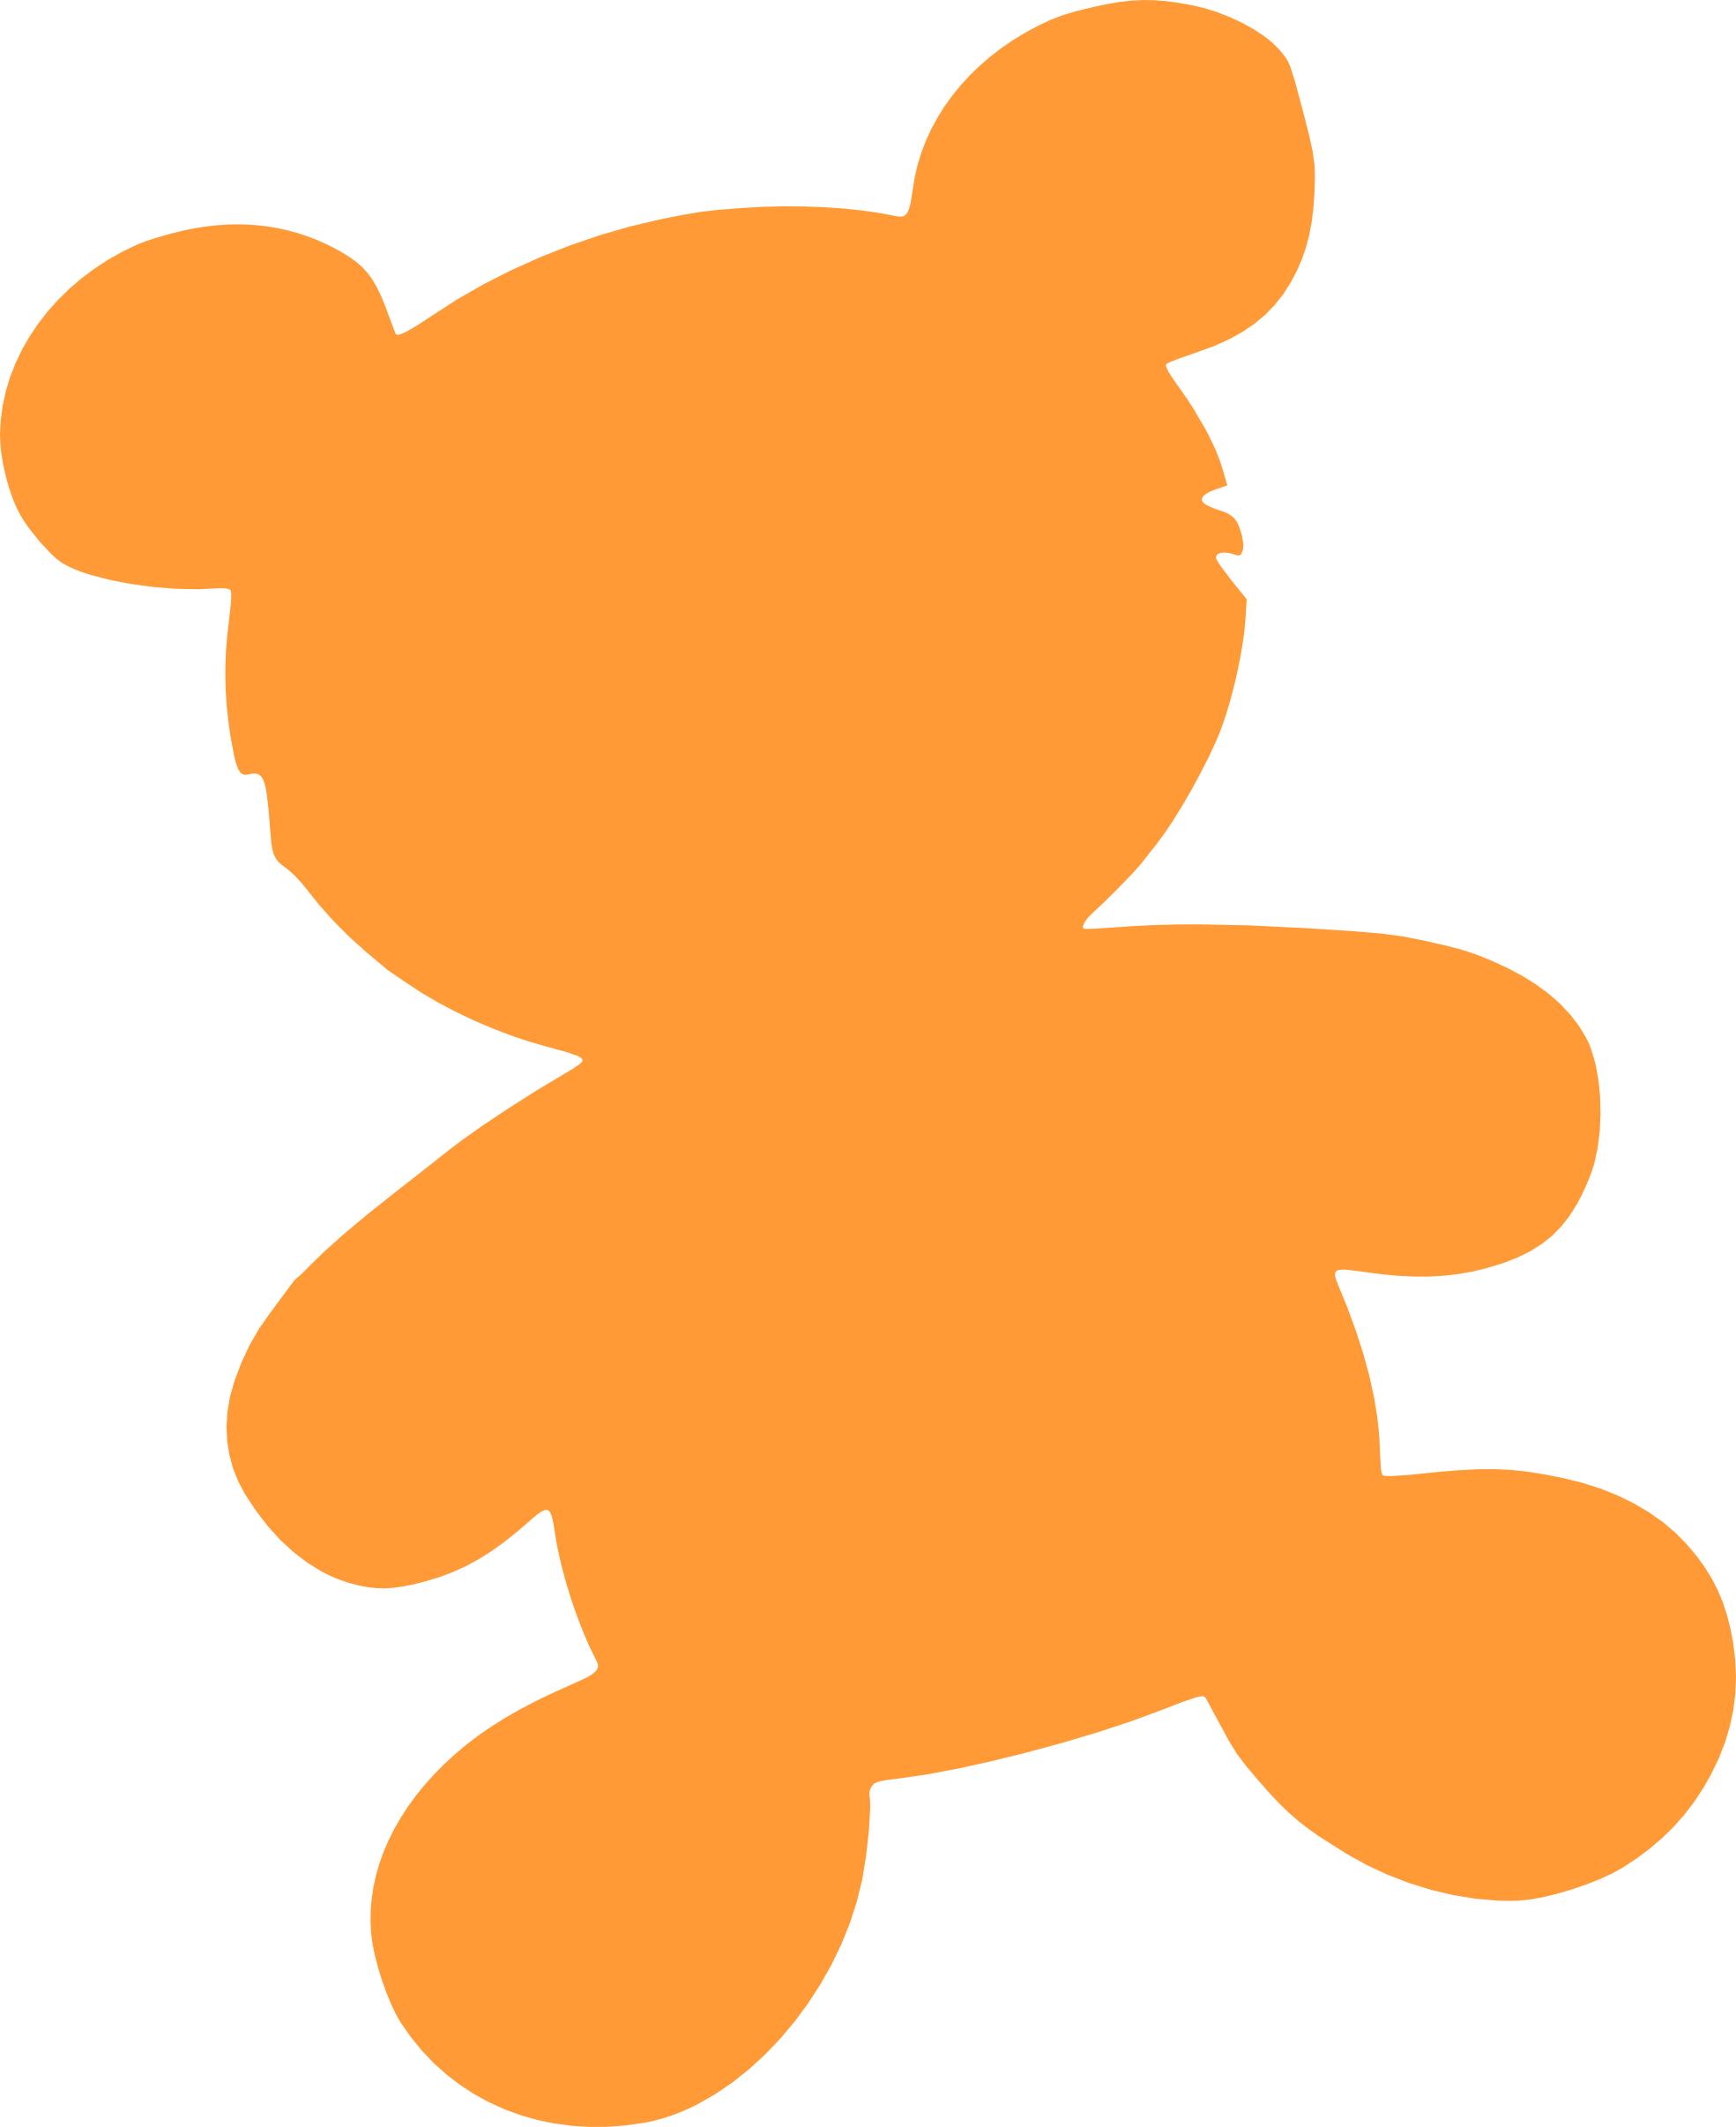 Clip Art: Bear Silhouette Teddy Bear Animal ... - ClipArt Best ...